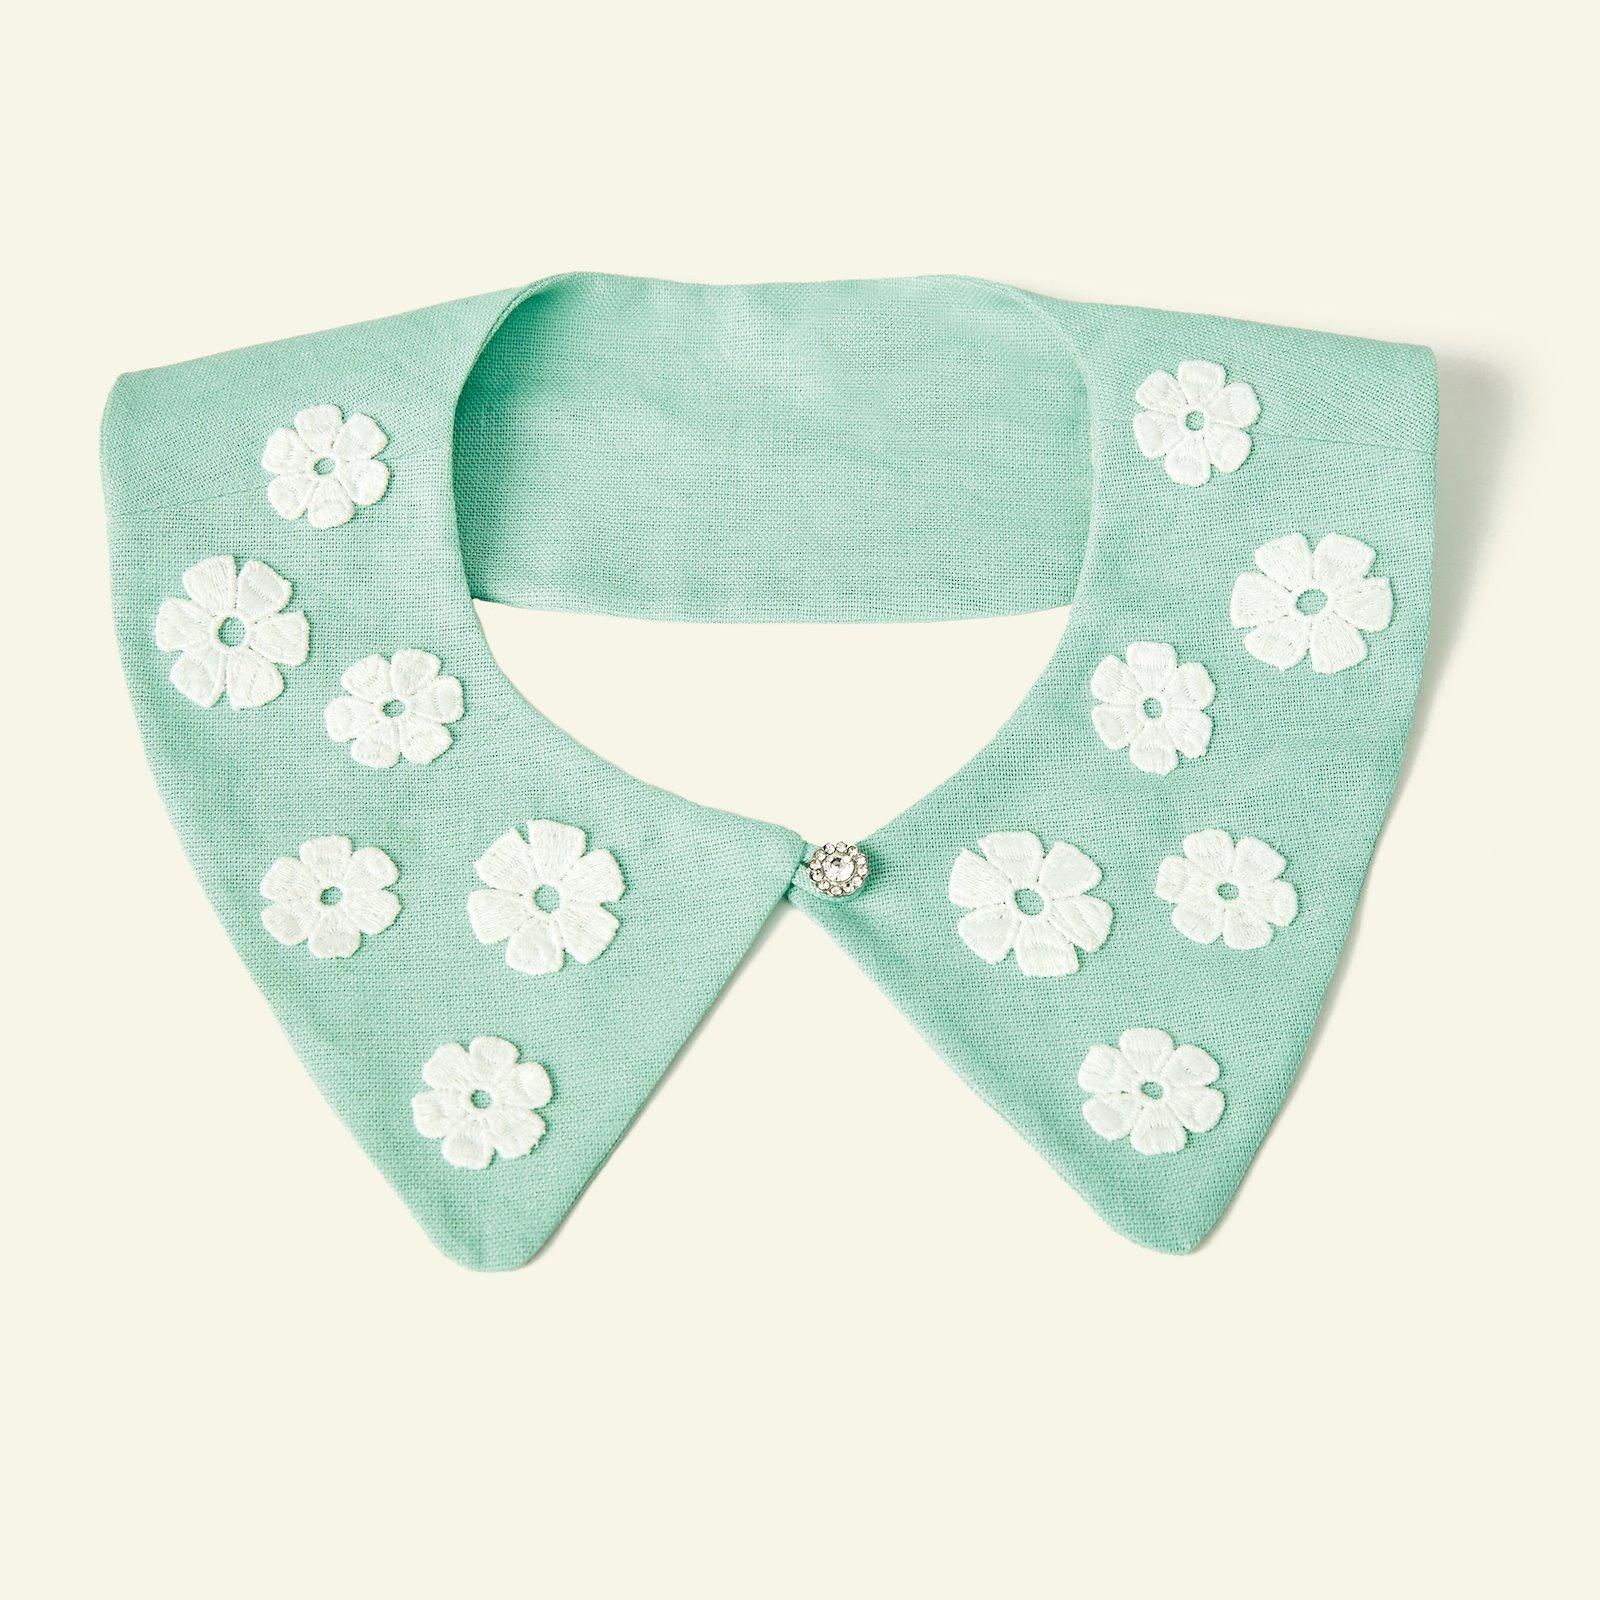 Linen/cotton mint p90335_410142_21478_40599_sskit